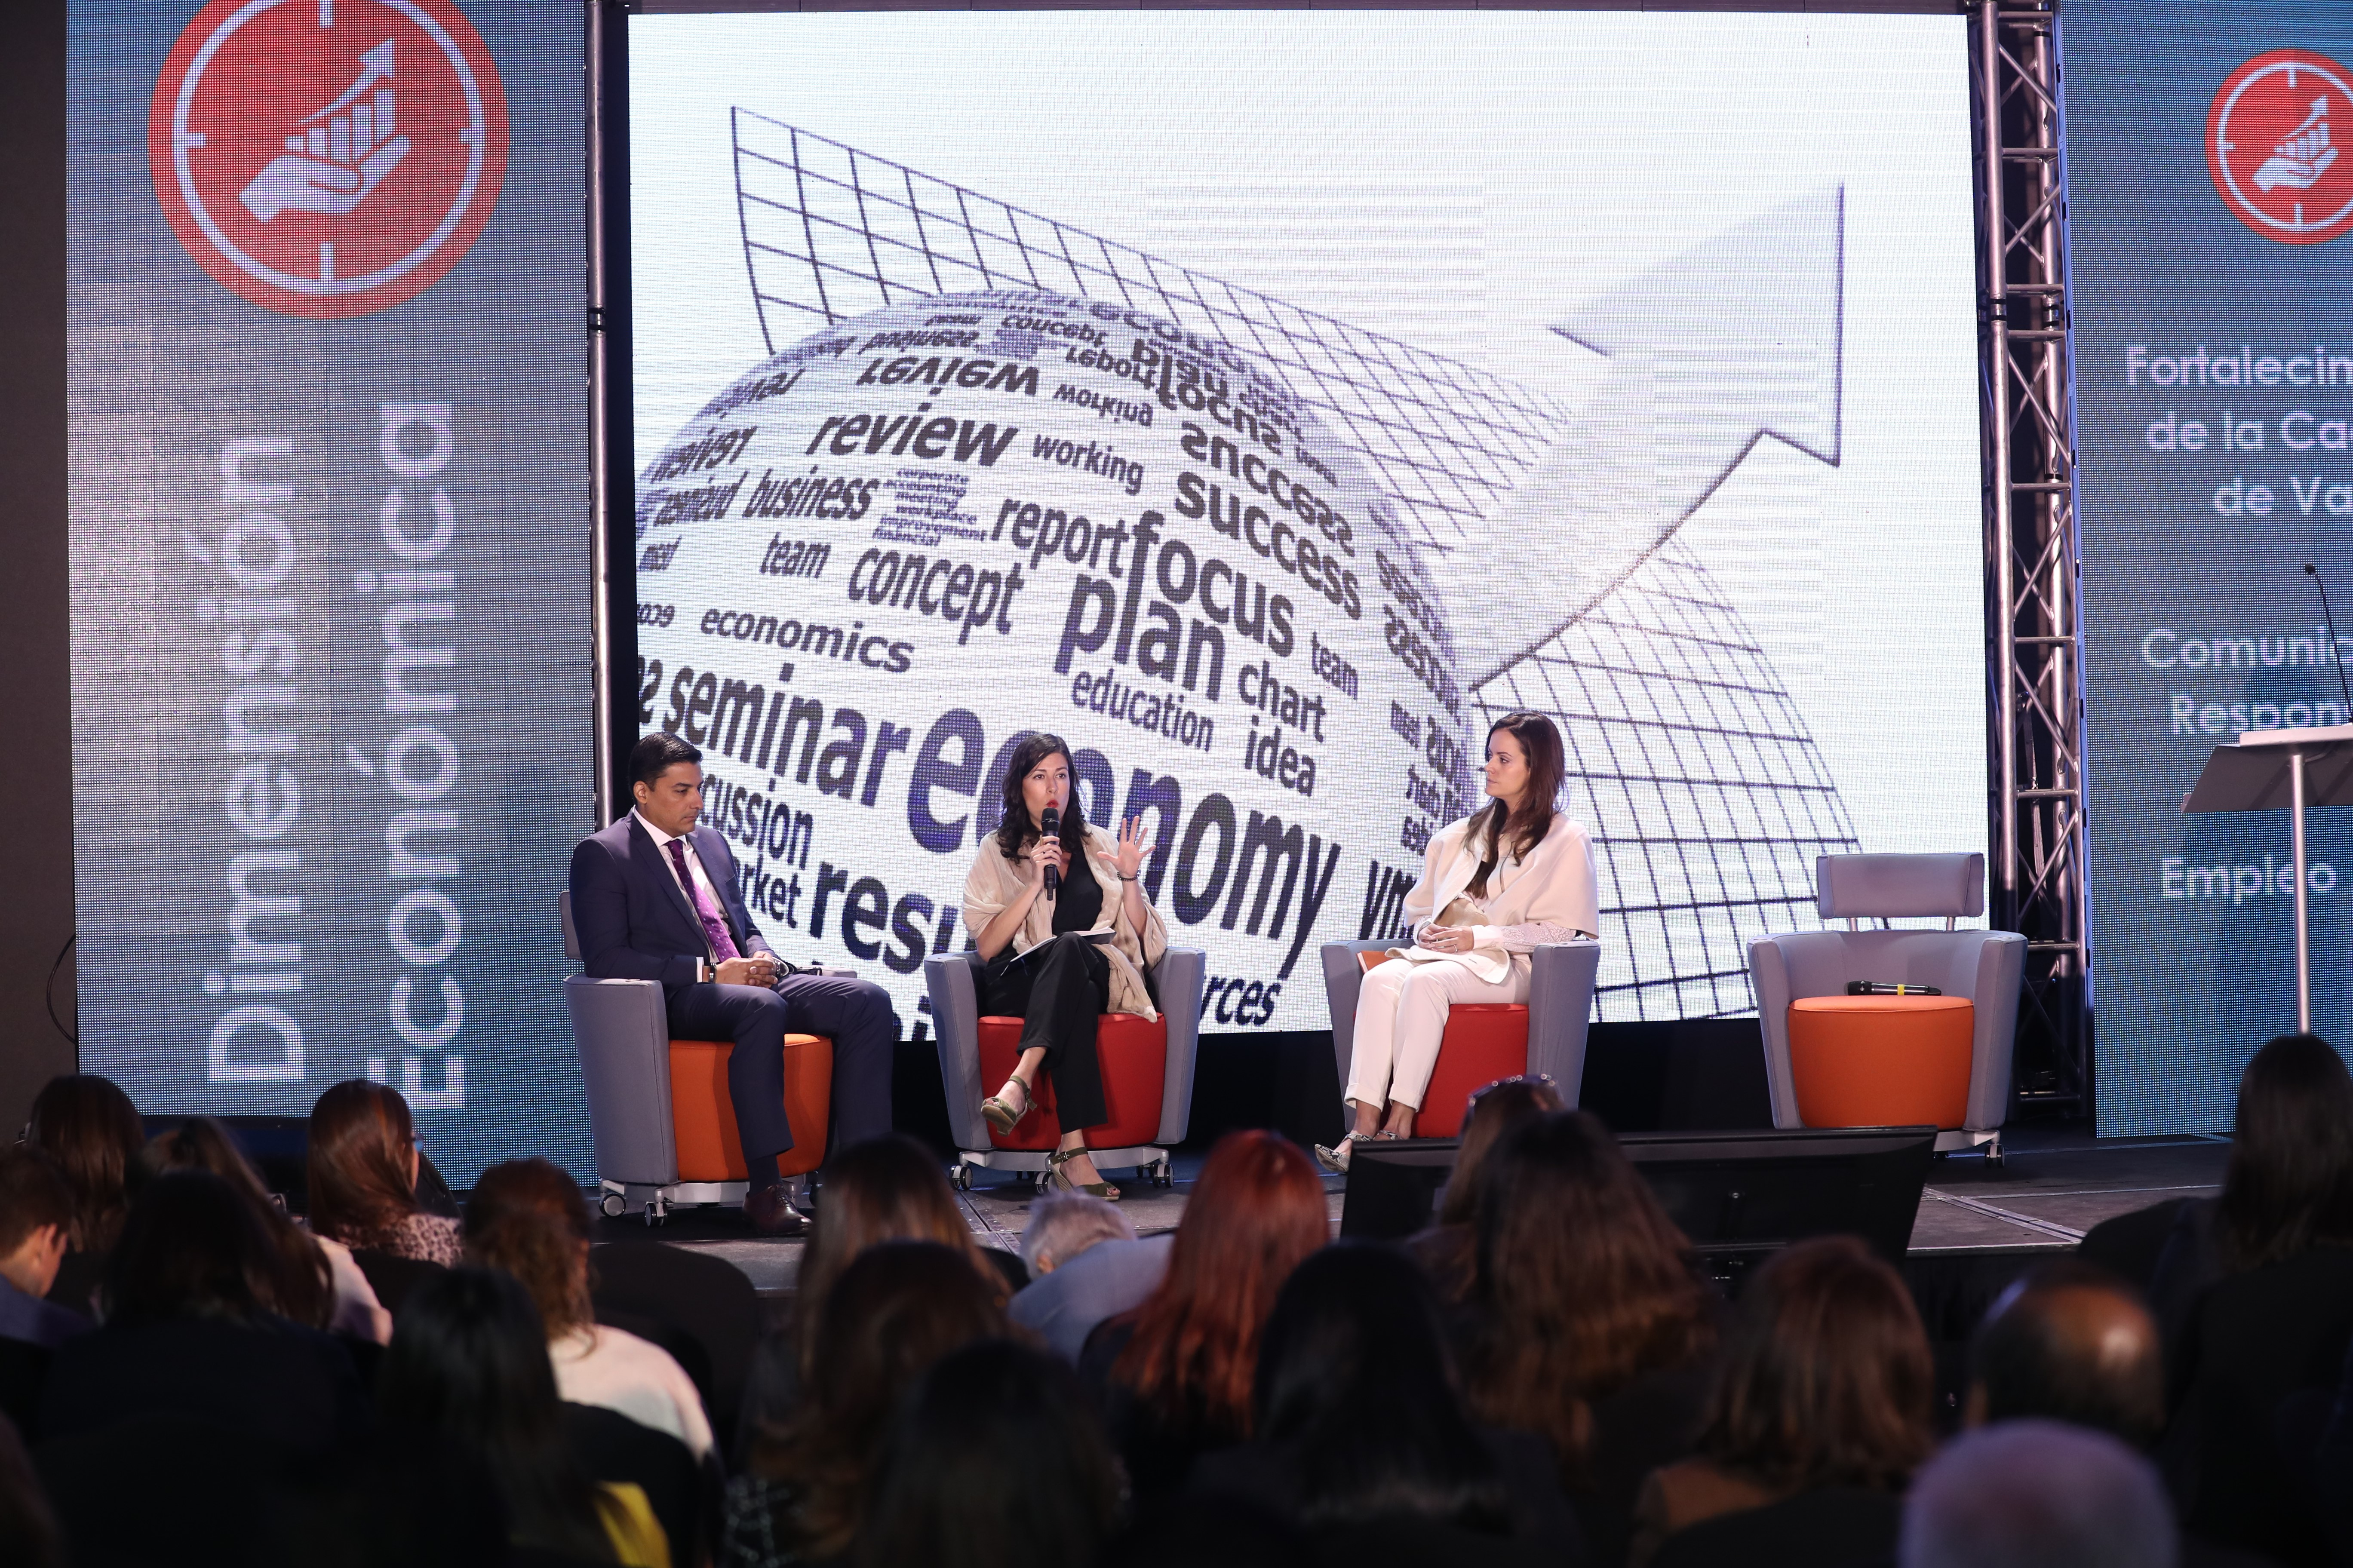 Javier Posas, Director IFC, Claudia Asencio ejecutiva de Grupo Pantaleón y Paula Ruiz,  moderadora, participan en uno de los foros de Centrarse durante la presentación de la Estrategia 2019. (Foto, Prensa Libre: Carlos Hernández).